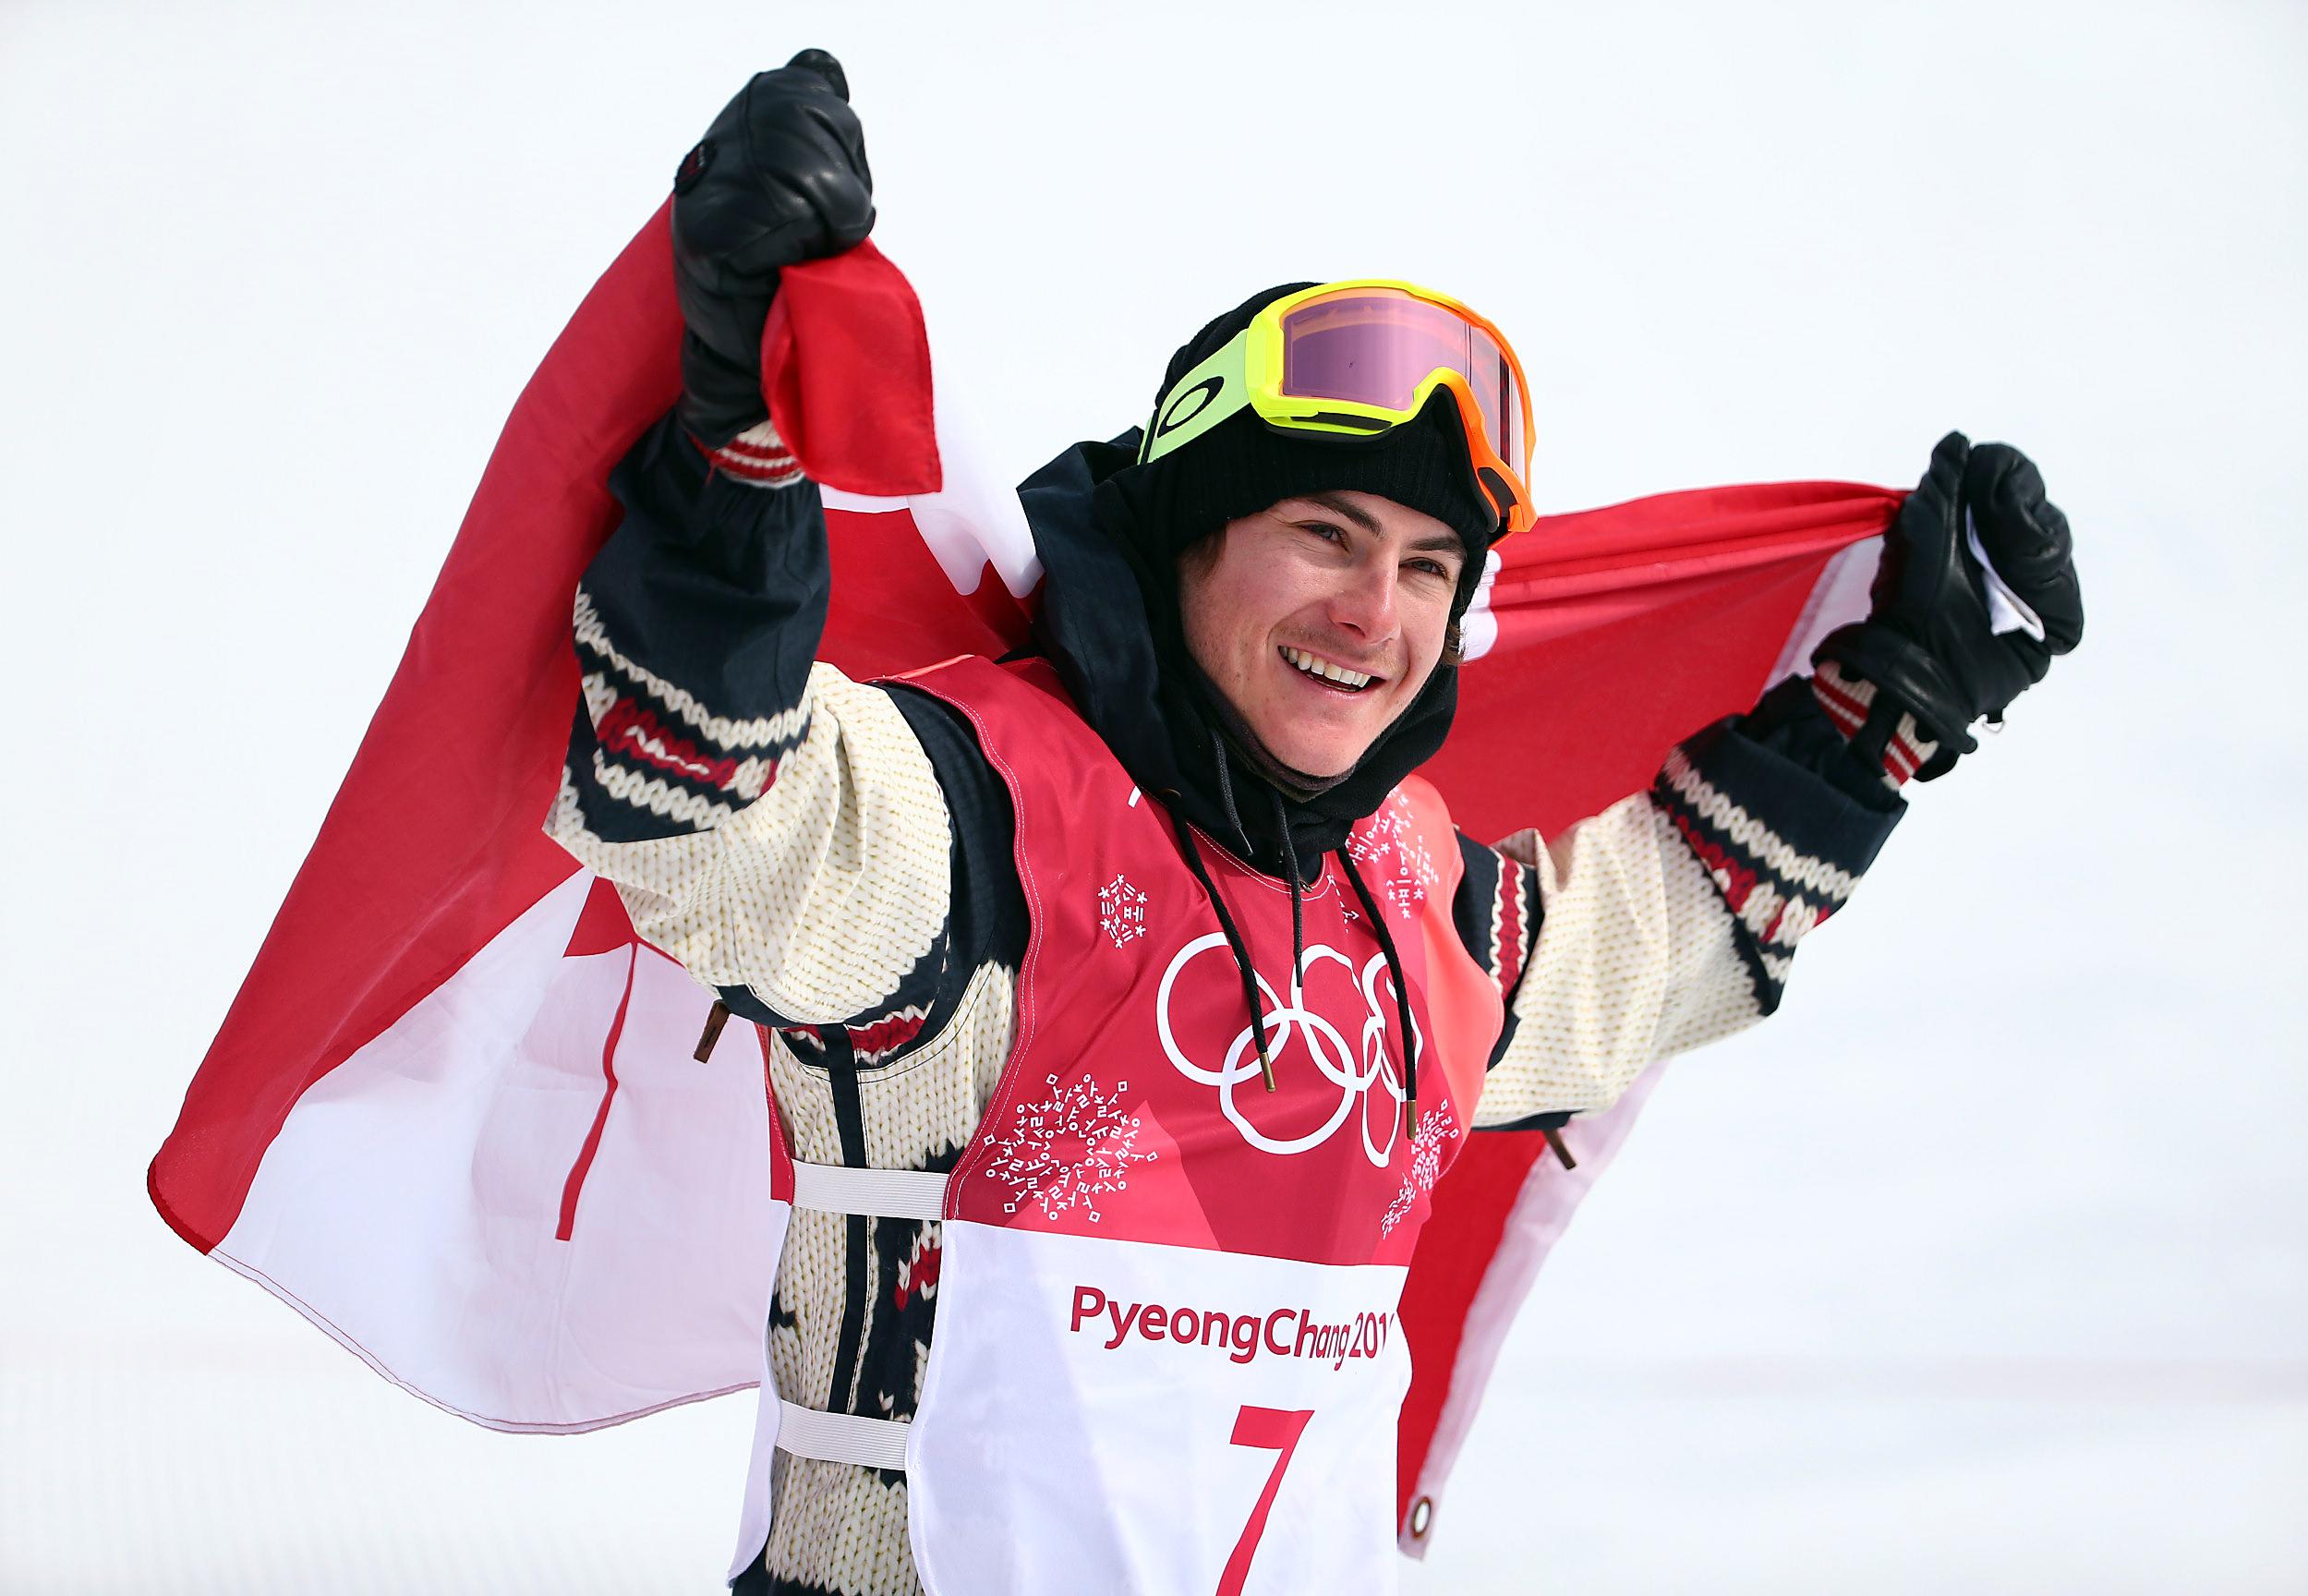 Le planchiste Sébastien Toutant d'Équipe Canada célèbre sa médaille d'or remportée à l'épreuve big air des Jeux olympiques de PyeongChang, en Corée du Sud, le 24 février 2018. (Photo : Vaughn Ridley/COC)